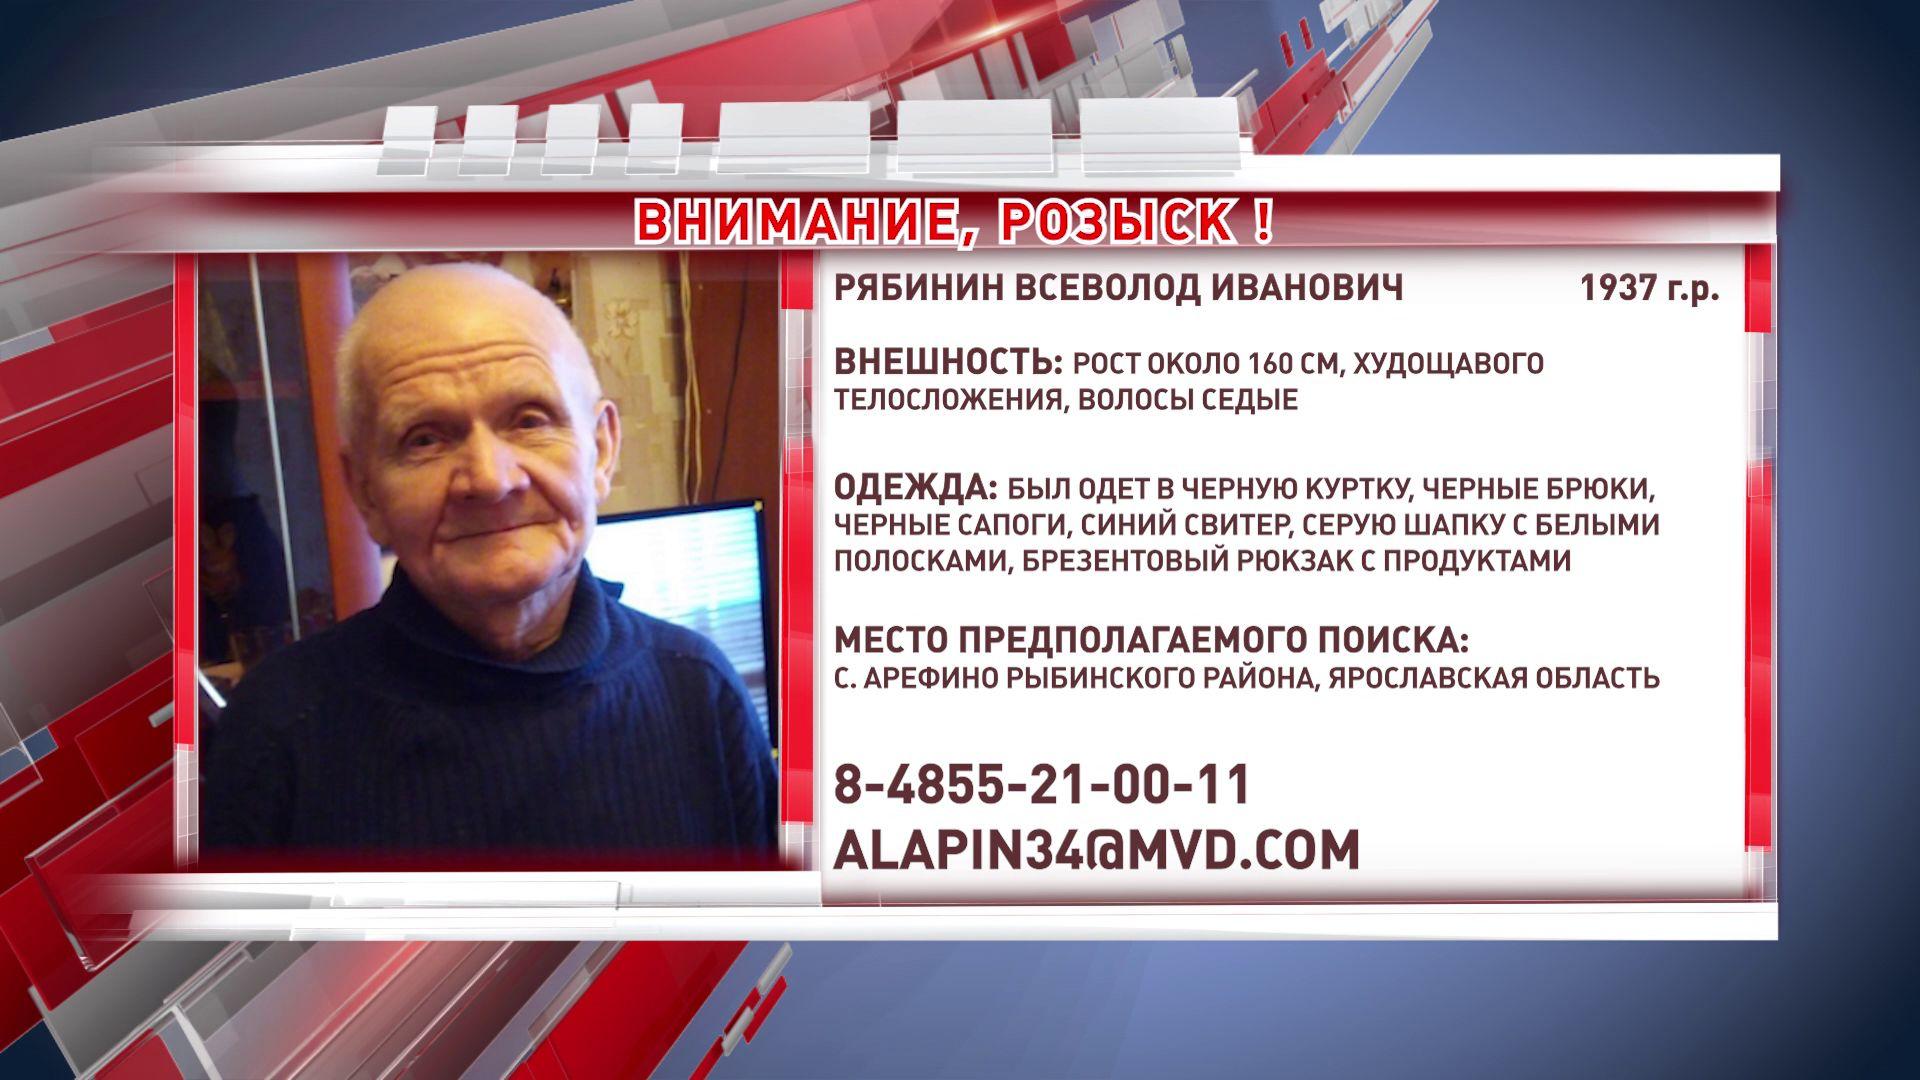 В Рыбинске пропал 83-летний мужчина